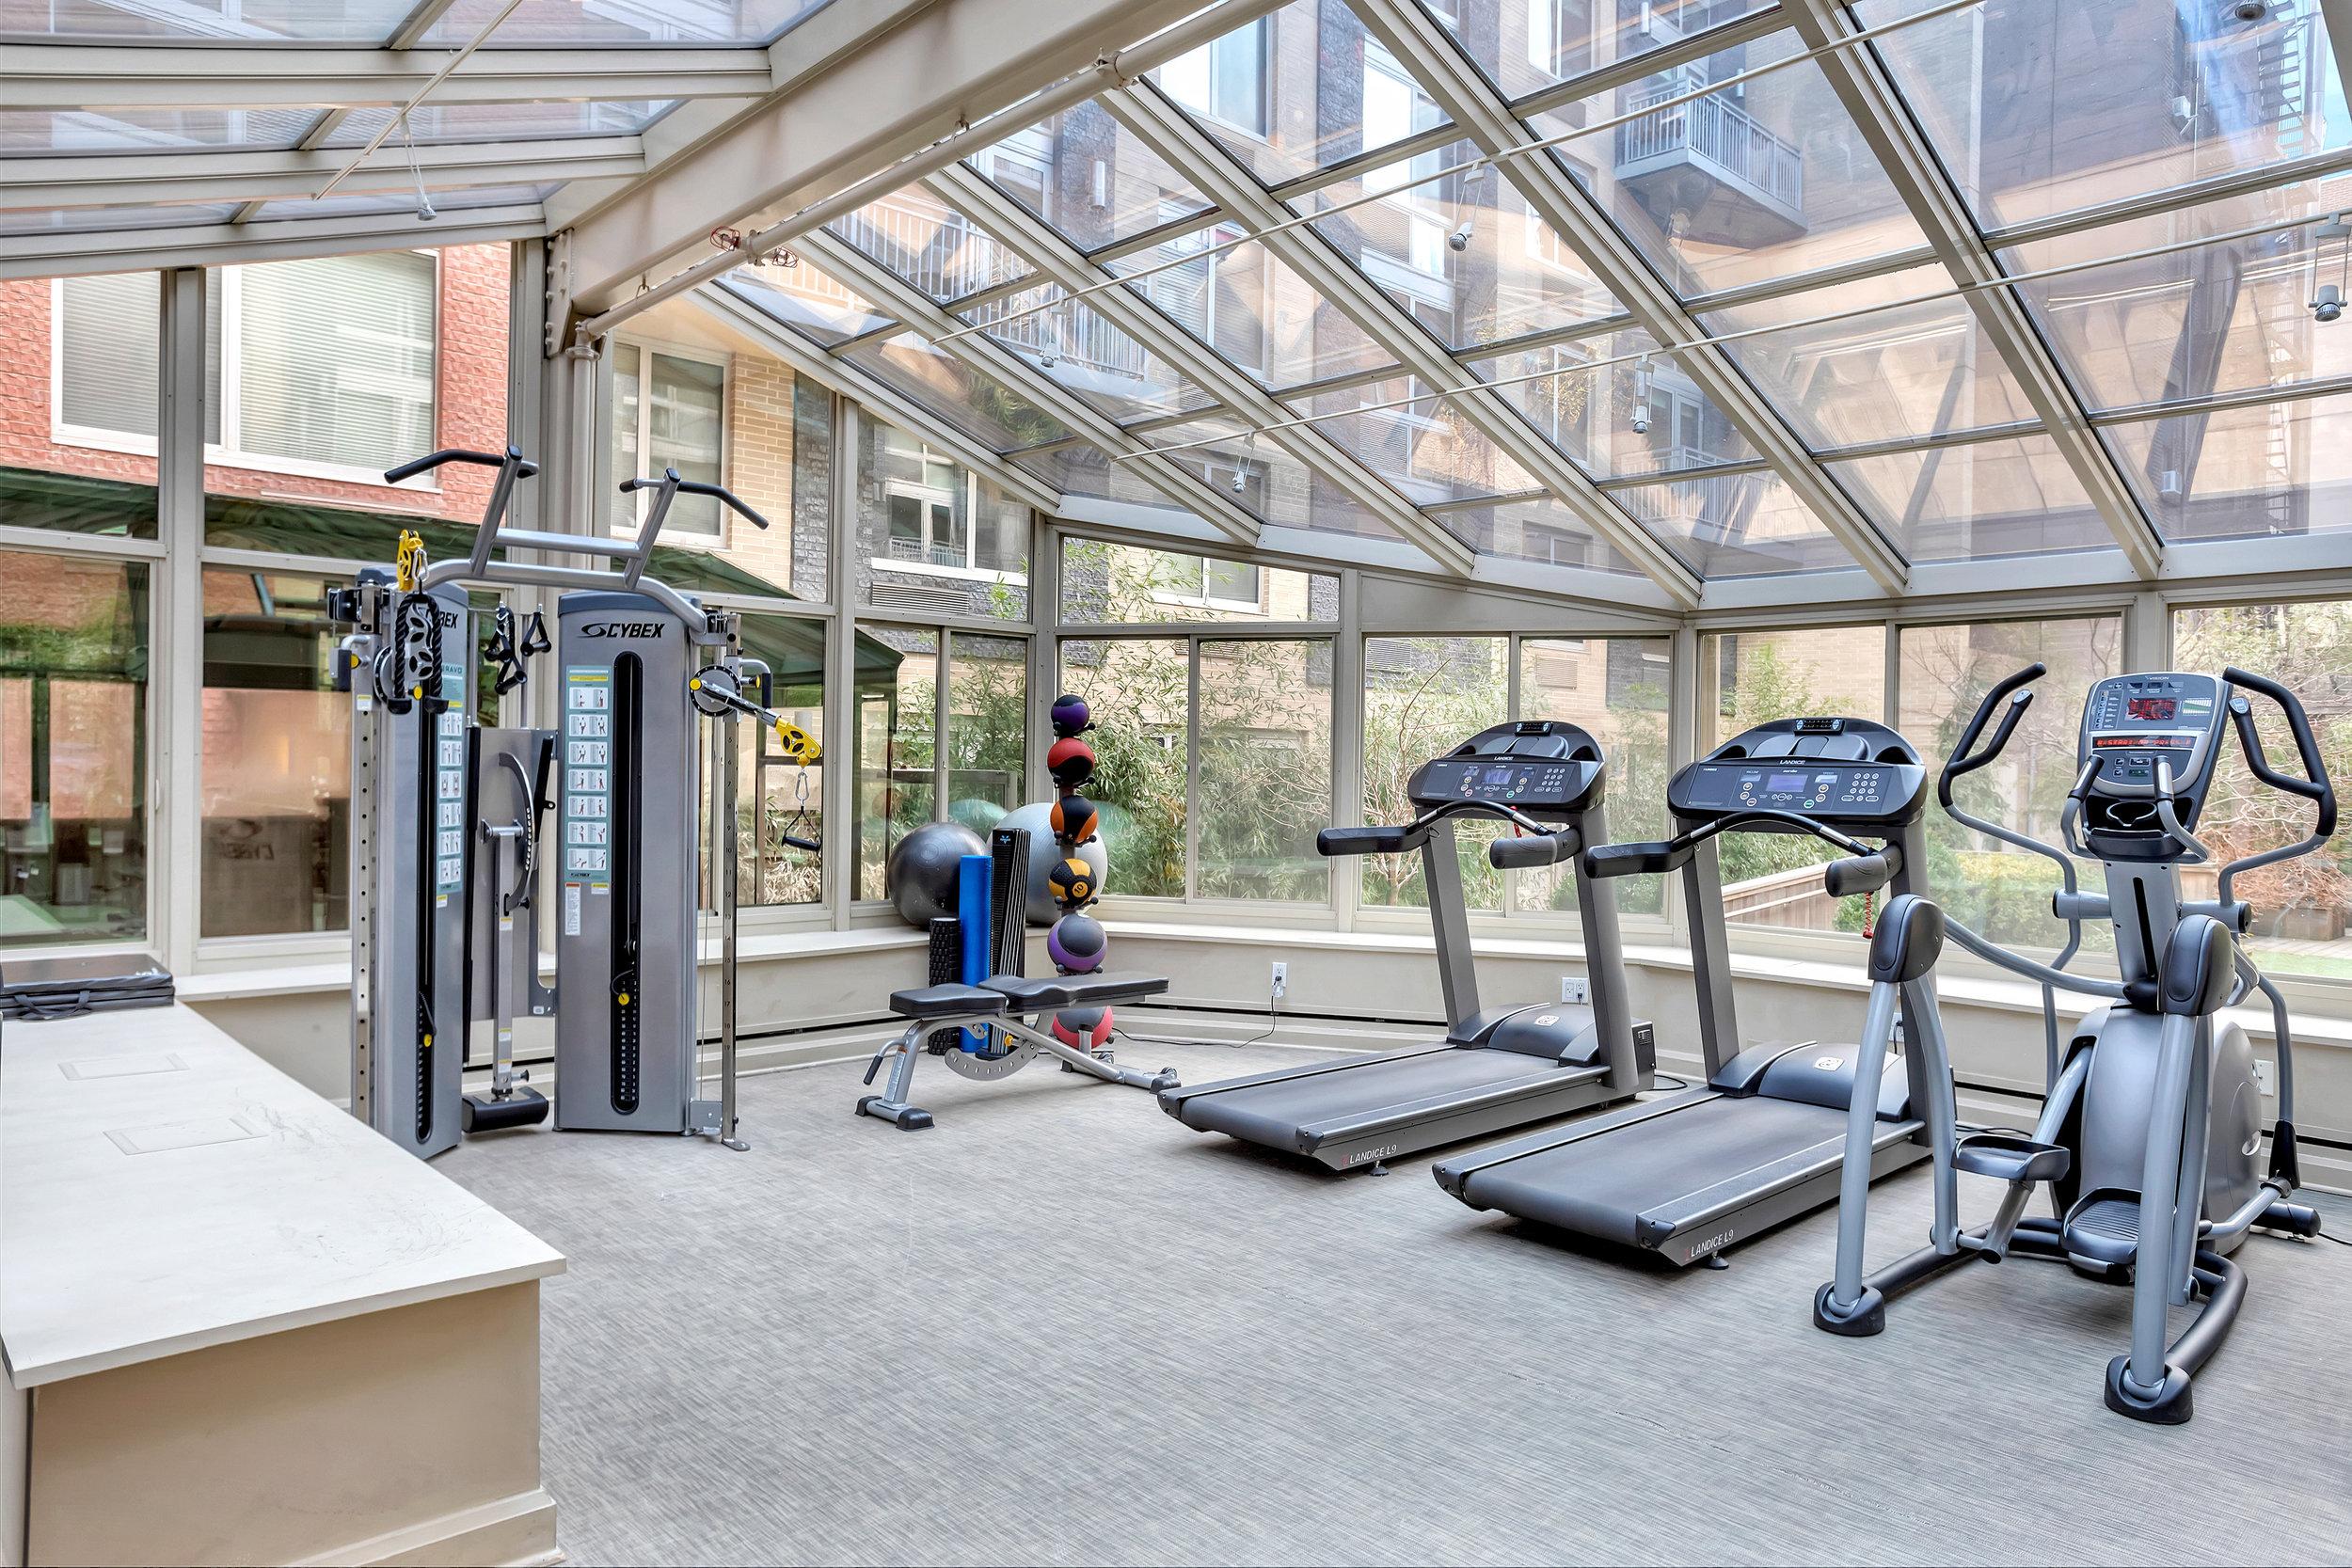 505w47thst6en-gym.jpg